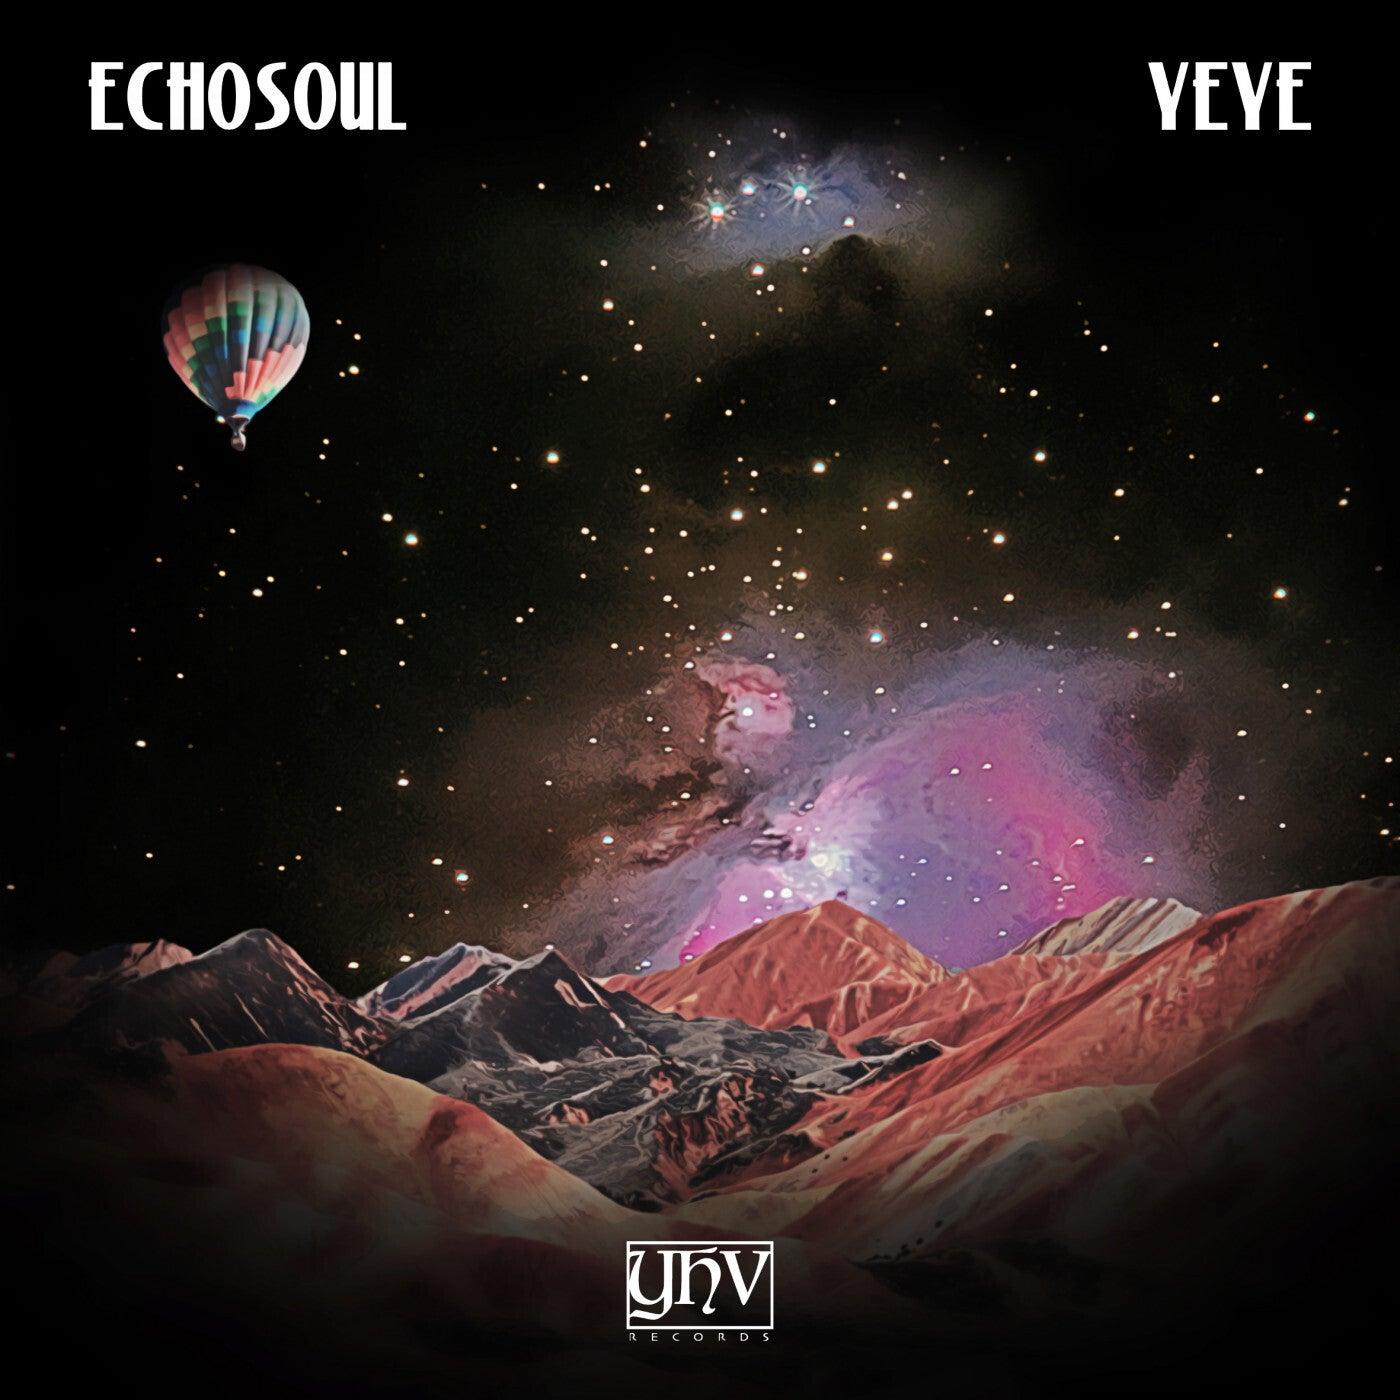 YEYE (Original Mix)